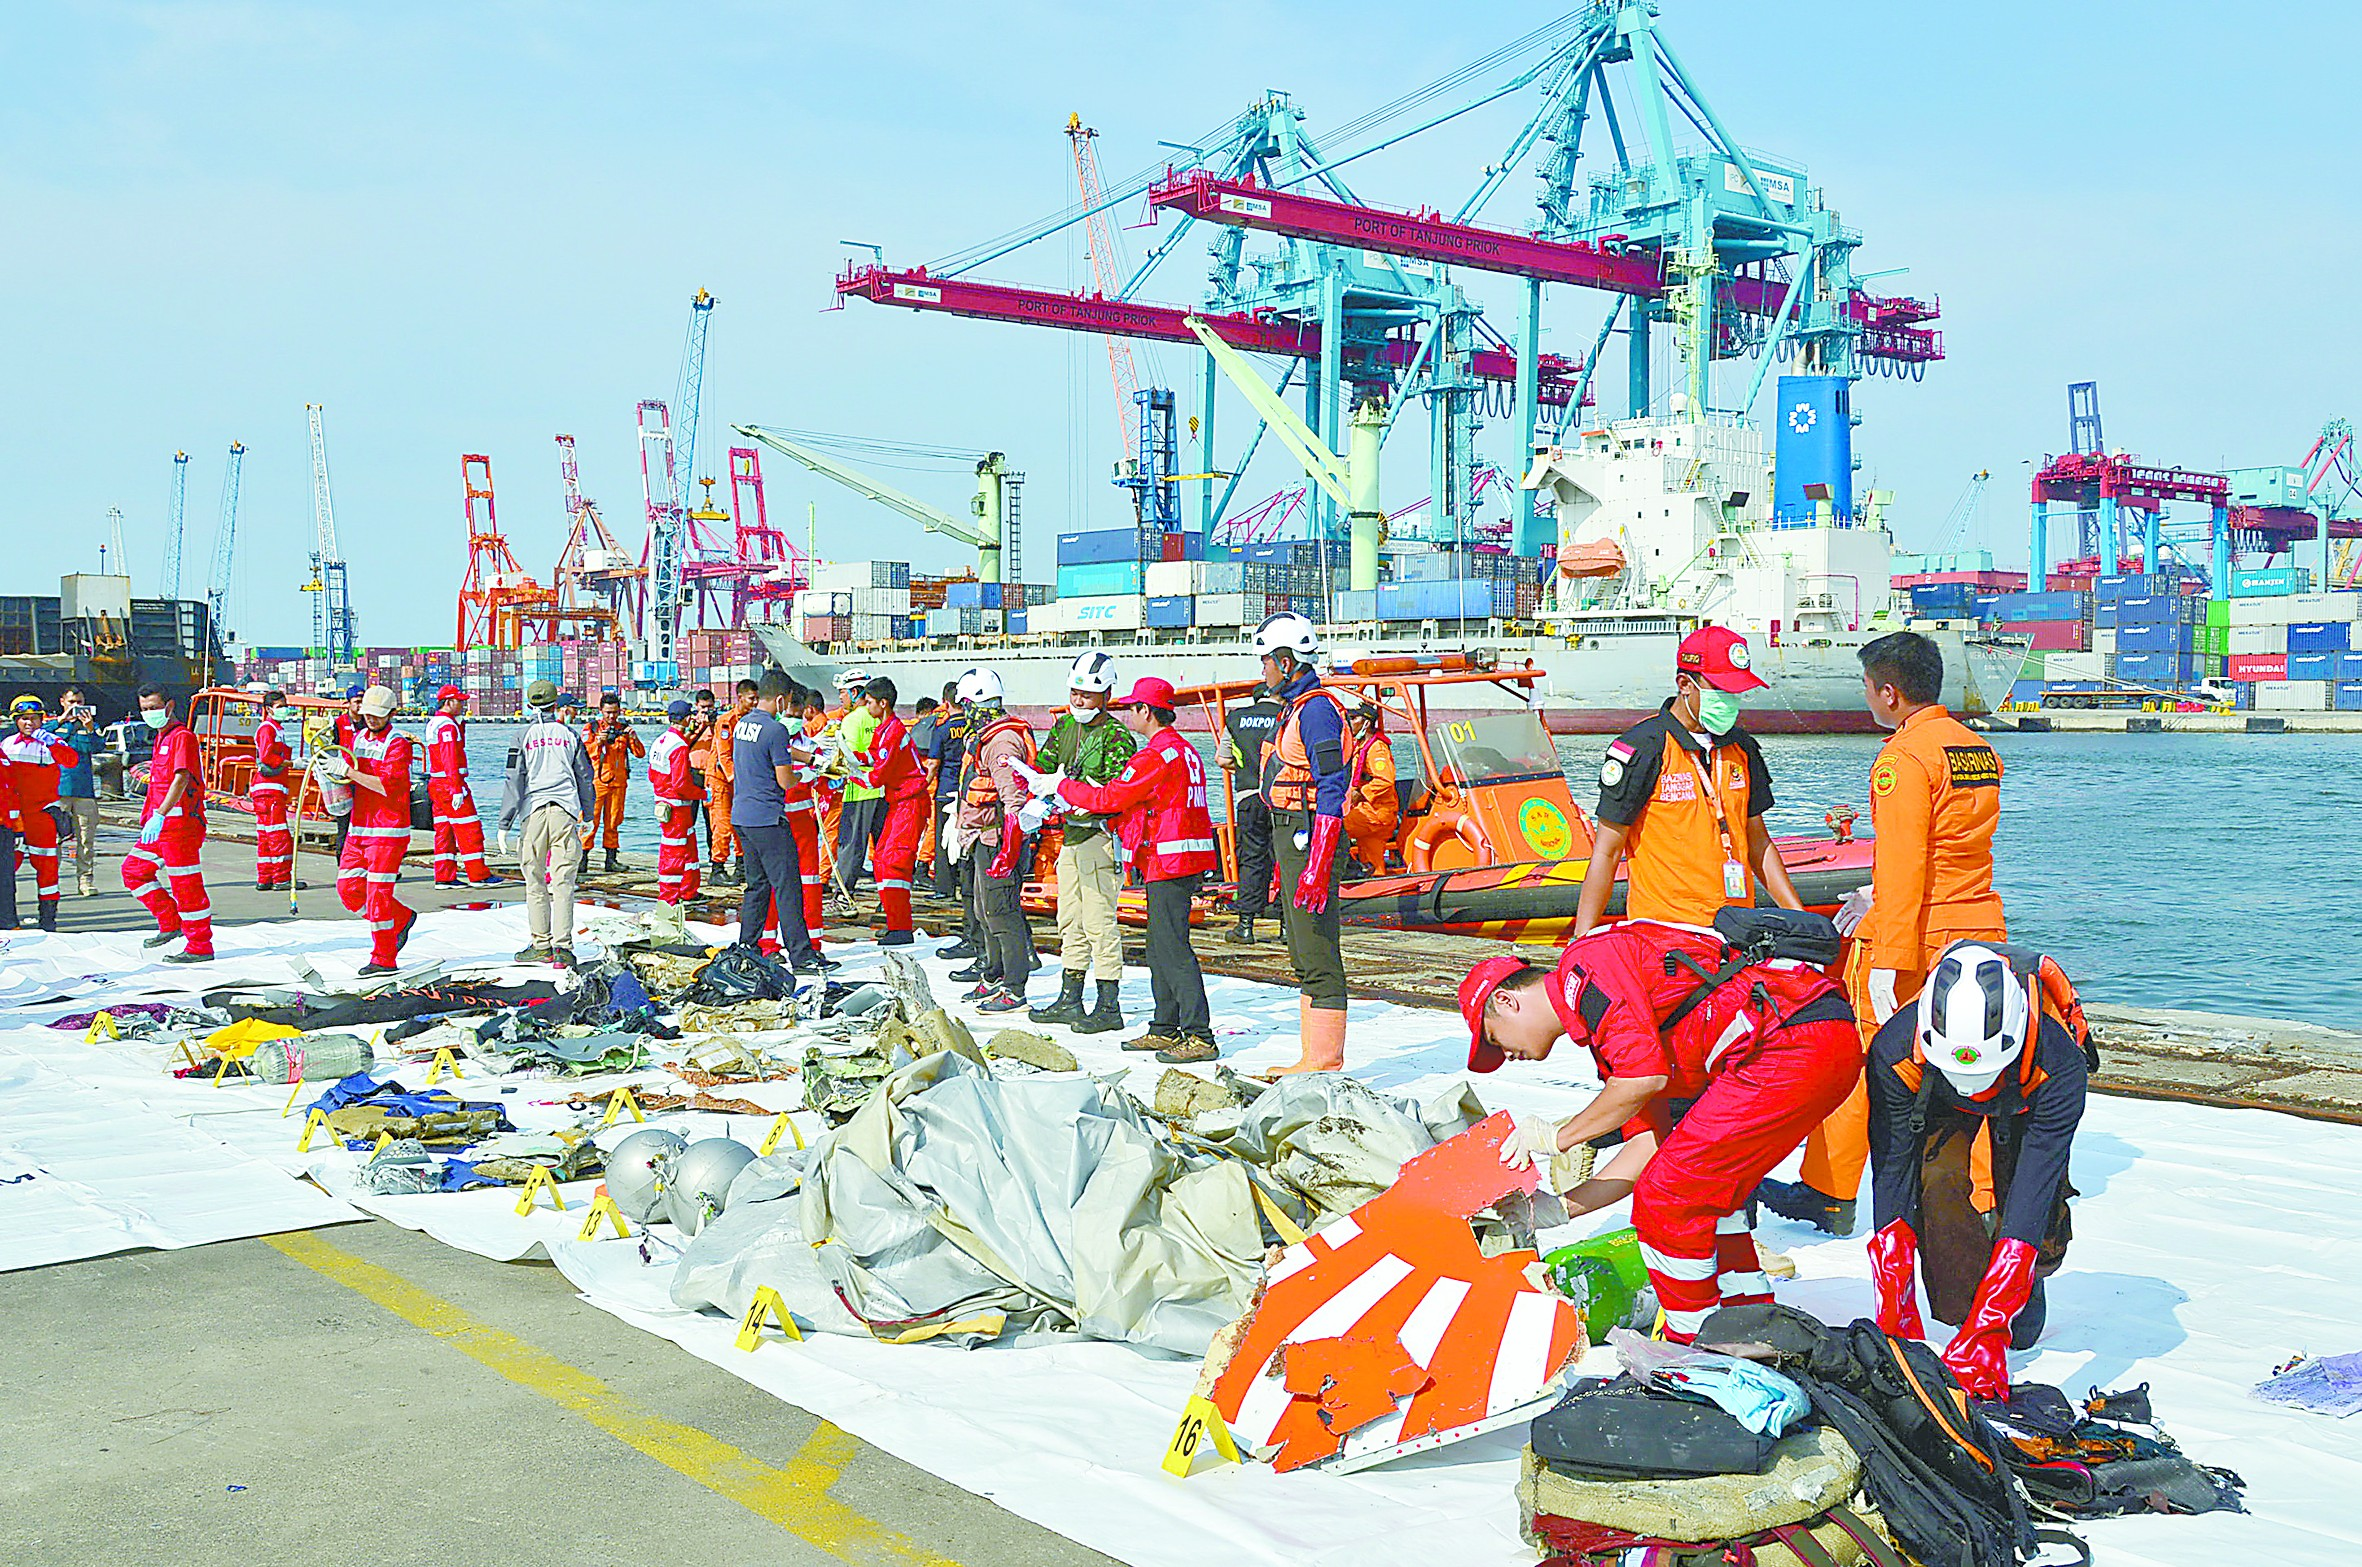 印尼客机坠毁,189人恐全部遇难